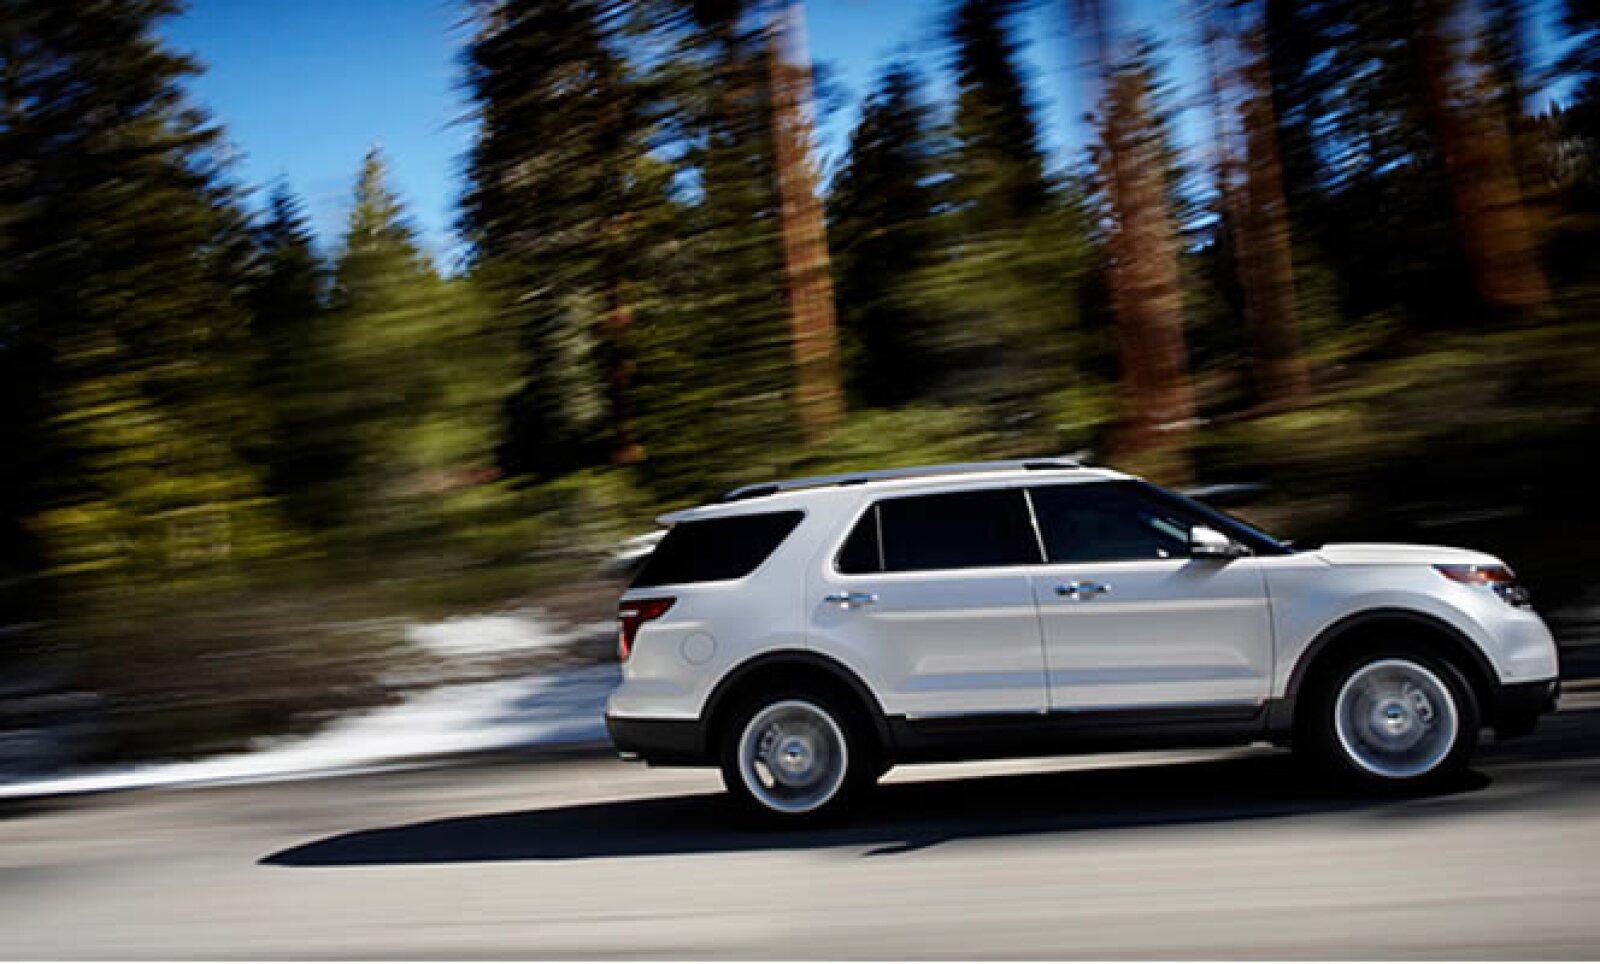 El motor EcoBoost I-4 de 2.0 litros proporciona la potencia de un V6 normal, sin comprometer la economía de combustible de cuatro cilindros.